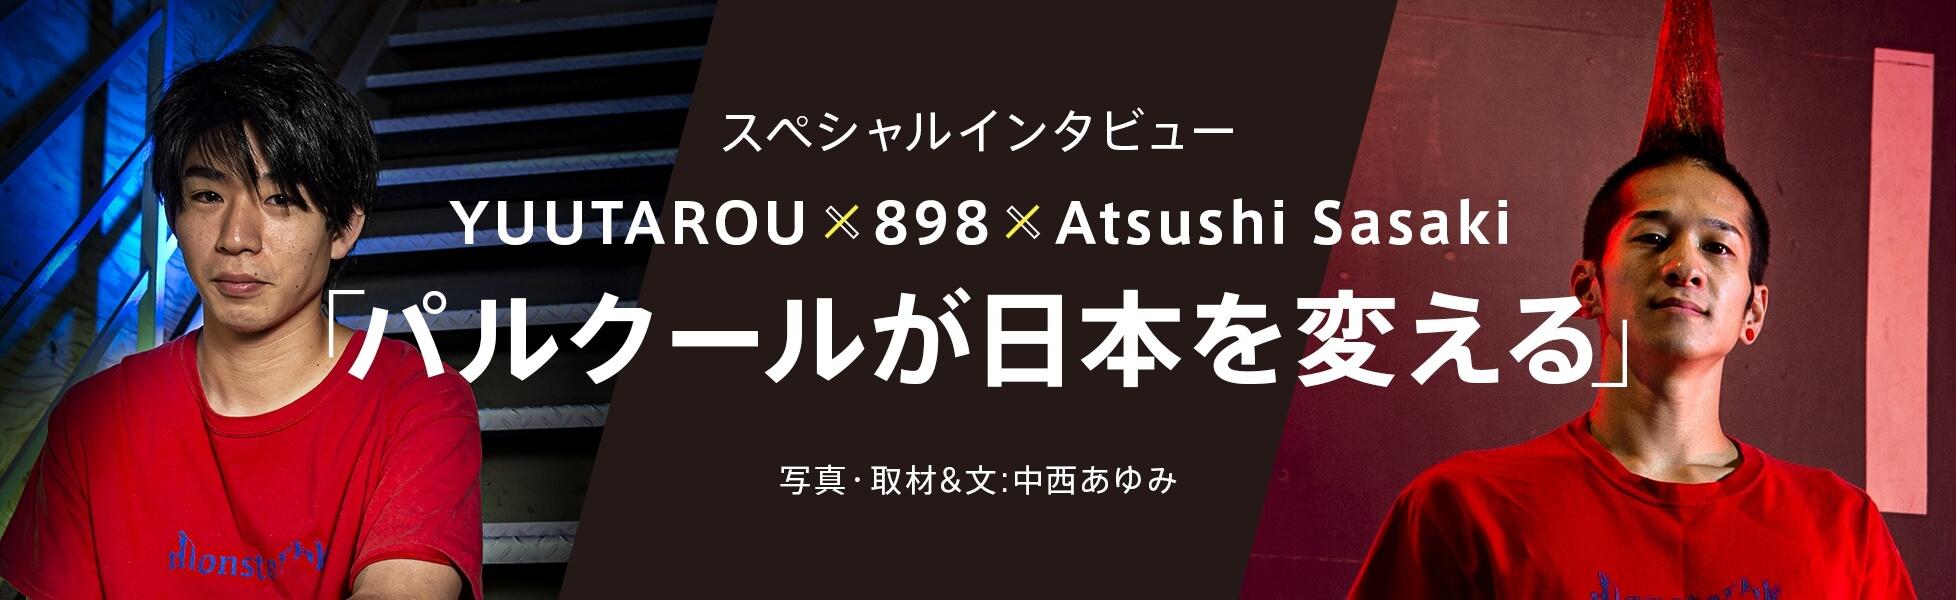 """スペシャルインタビュー""""YUUTAROU x 898 x Atsushi Sasaki""""「パルクールが日本を変える」写真・取材&文:中西あゆみ"""